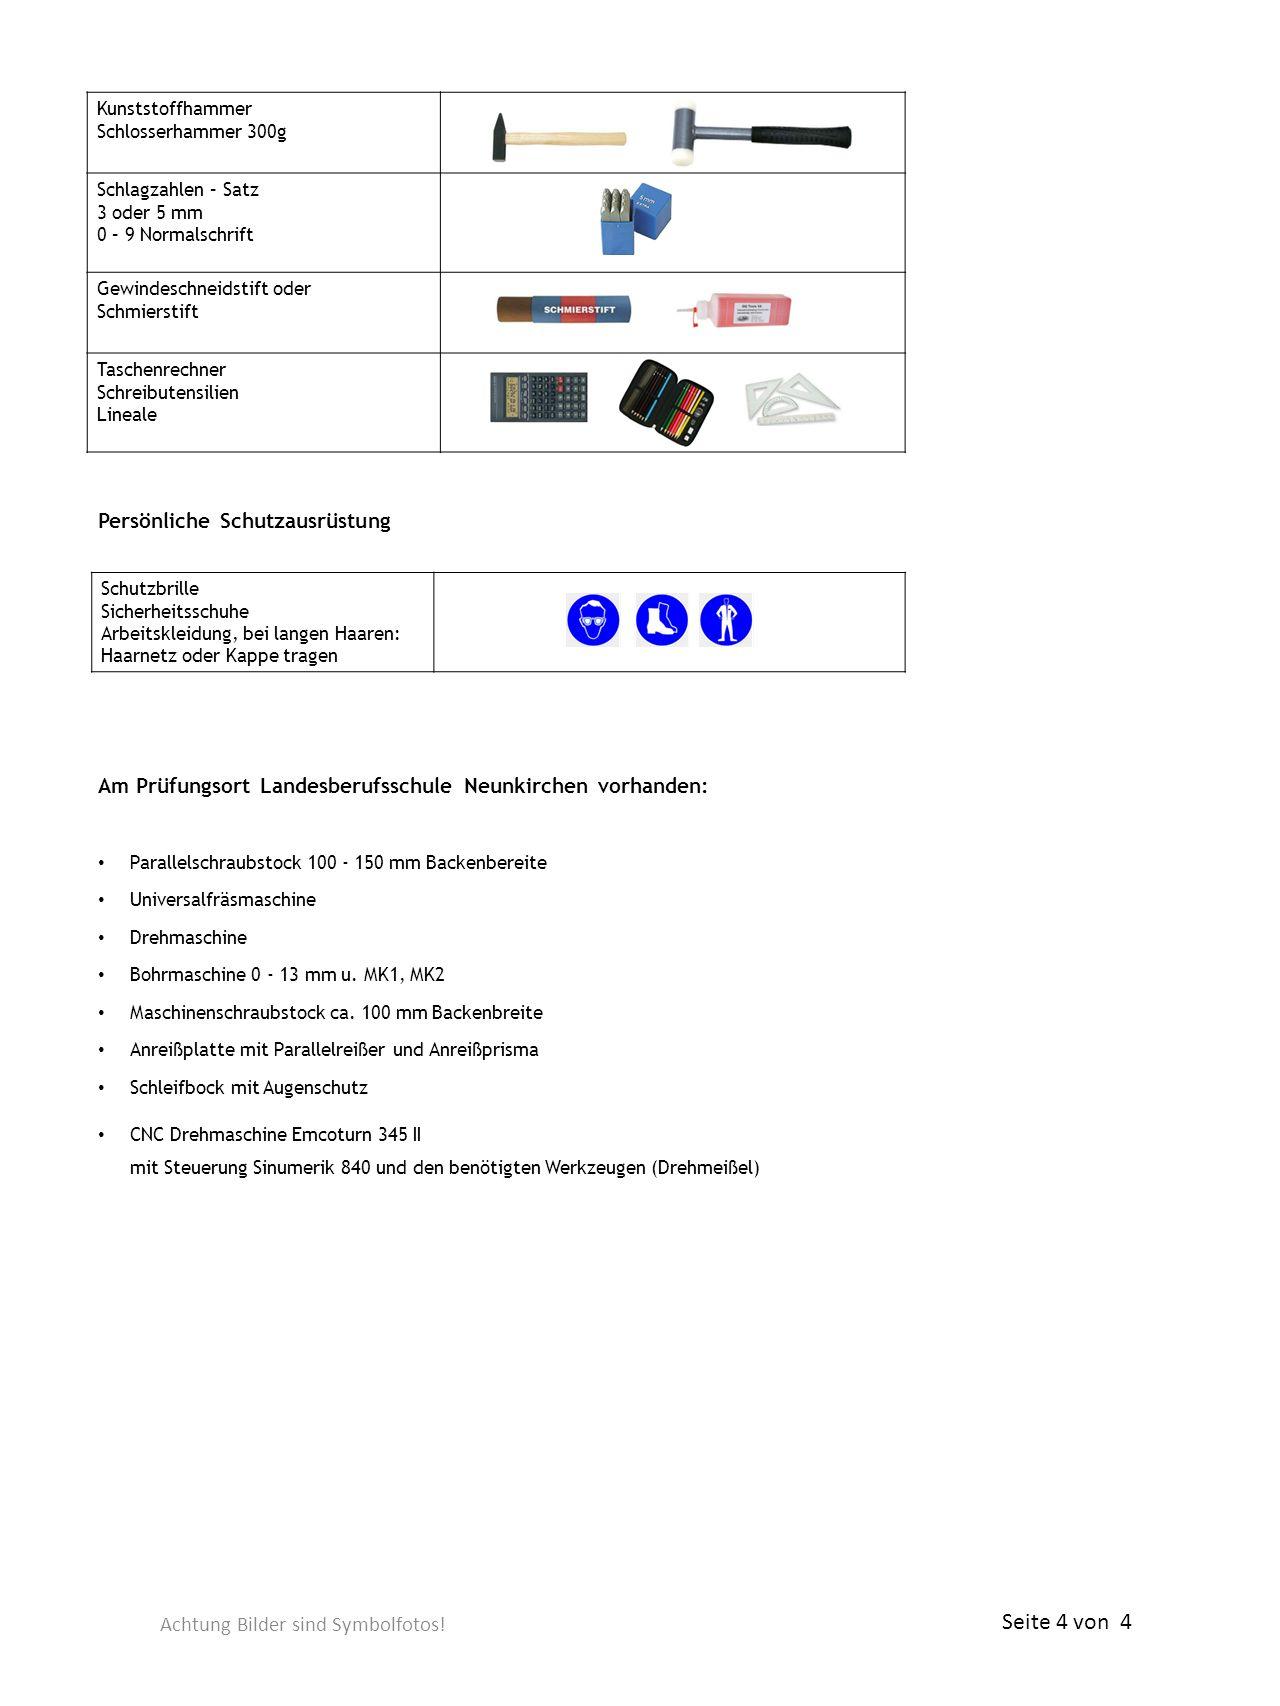 Persönliche Schutzausrüstung Am Prüfungsort Landesberufsschule Neunkirchen vorhanden: Parallelschraubstock 100 - 150 mm Backenbereite Universalfräsmaschine Drehmaschine Bohrmaschine 0 - 13 mm u.